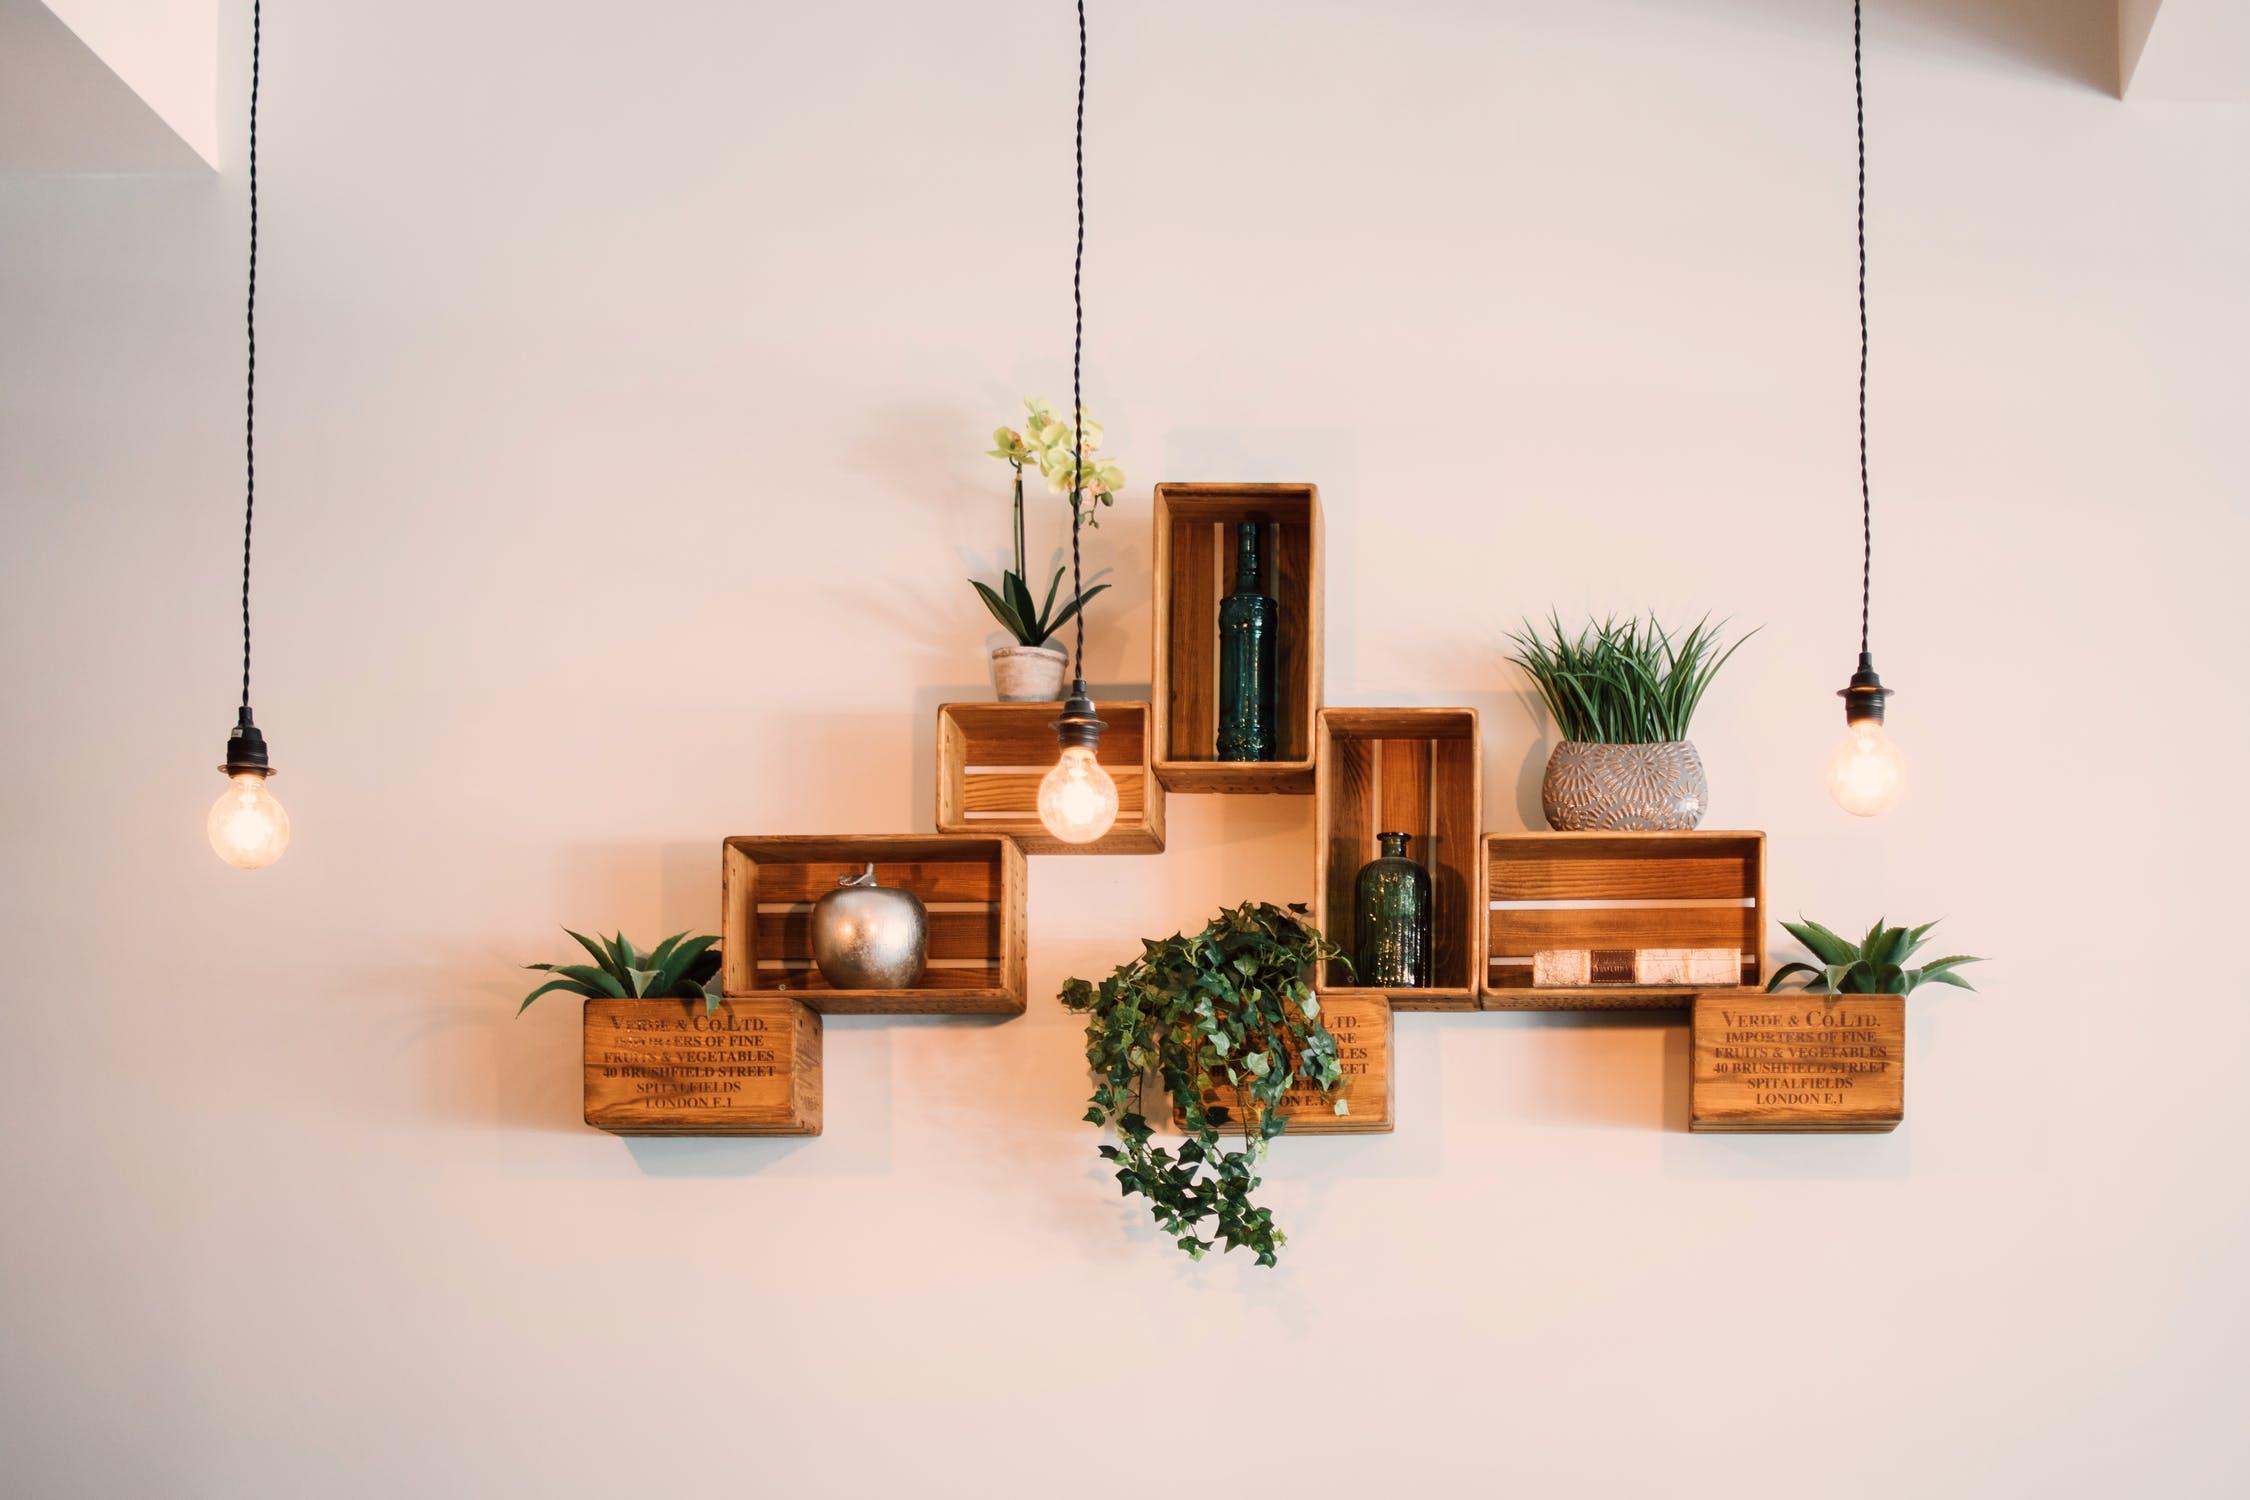 4 typy dekorací, které nesmí chybět ve vaší domácnosti